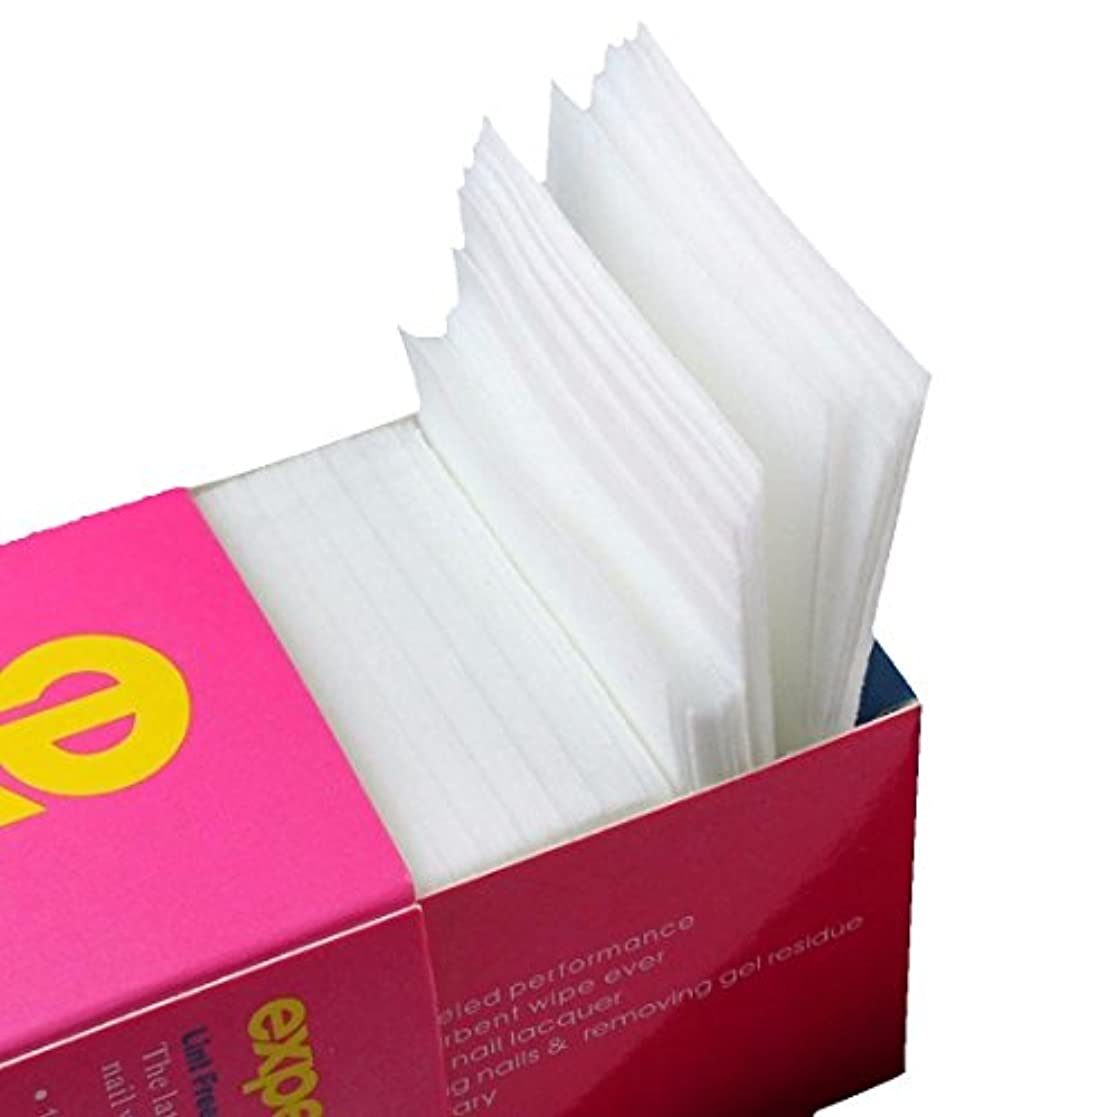 失業お互い省略Cikuso 325枚ネイルワイプリントフリーコットンパッド、ネイルジェル除去用不織布綿シートネイルポリッシュクリーニングパッド